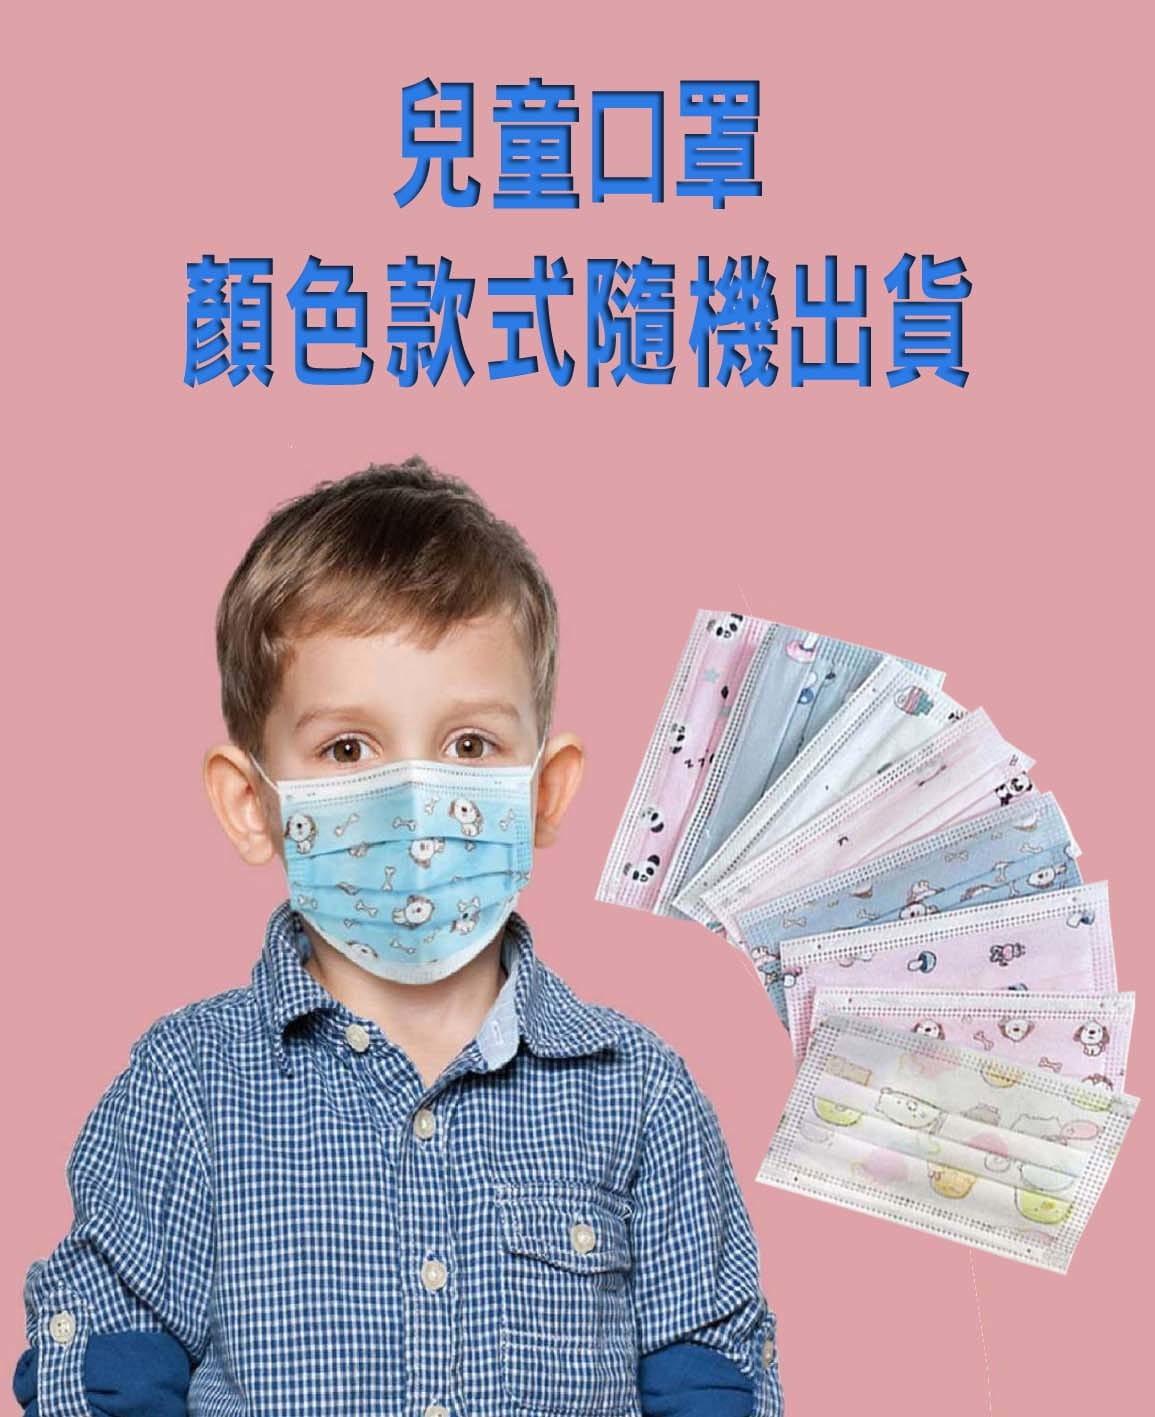 一次性防塵口罩(成人、兒童)可任選 ※款式顏色隨機出貨※ 熔噴布一般口罩 非醫療口罩 拋棄式口罩 9